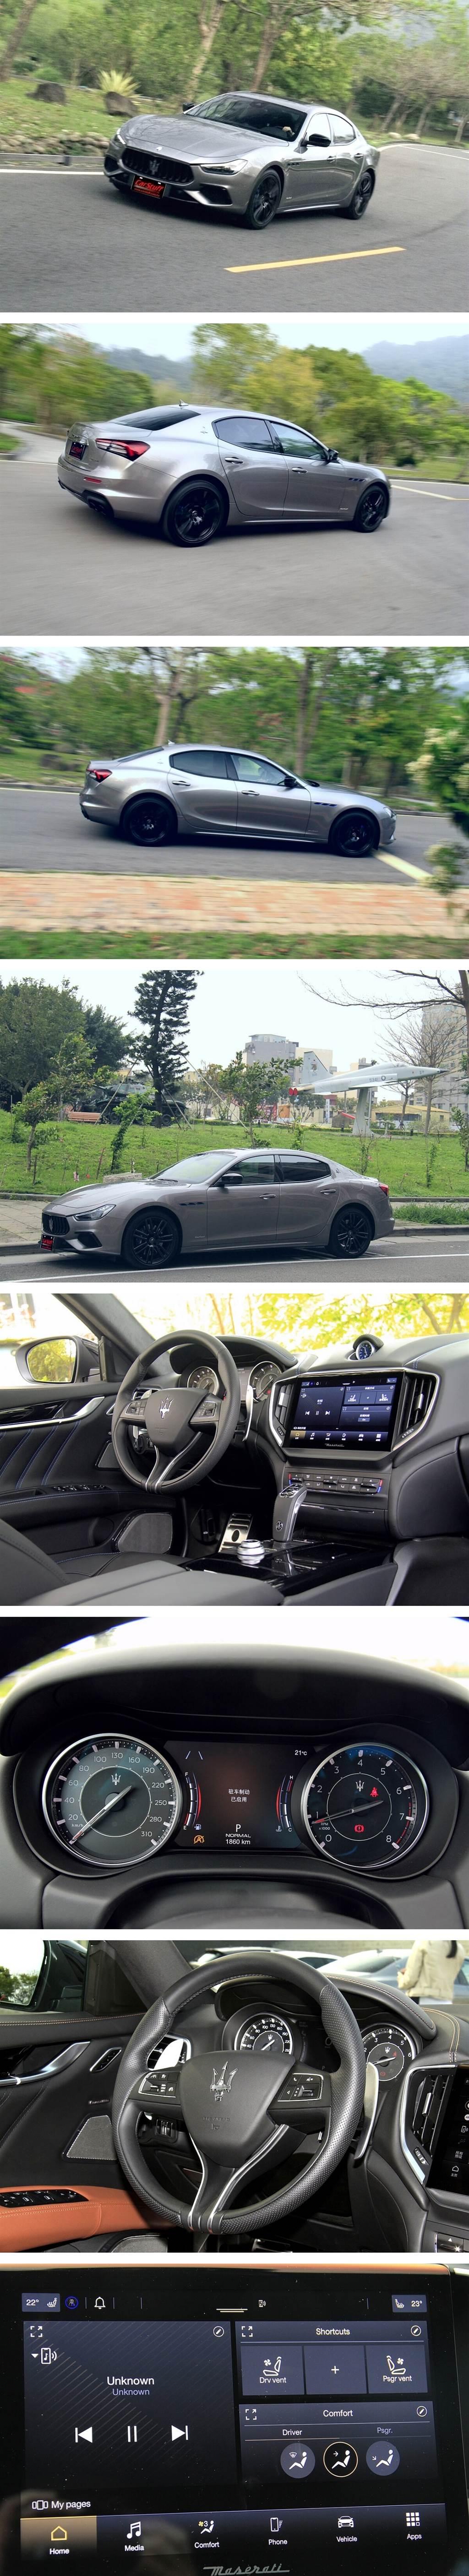 全新UI介面的Maserati Intelligent Assistant (MIA)智能多媒體系統,具備提高十倍的高解析度、處理速度加快四倍的10.1吋觸控螢幕,以及提供無線Apple CarPlay與Android Auto…等軟體,給予駕乘者更為人性化操作體驗。其使用方式就如同智能手機與平板電腦,可增減頁面,並依喜好將所選各項功能以多種格式擺放。